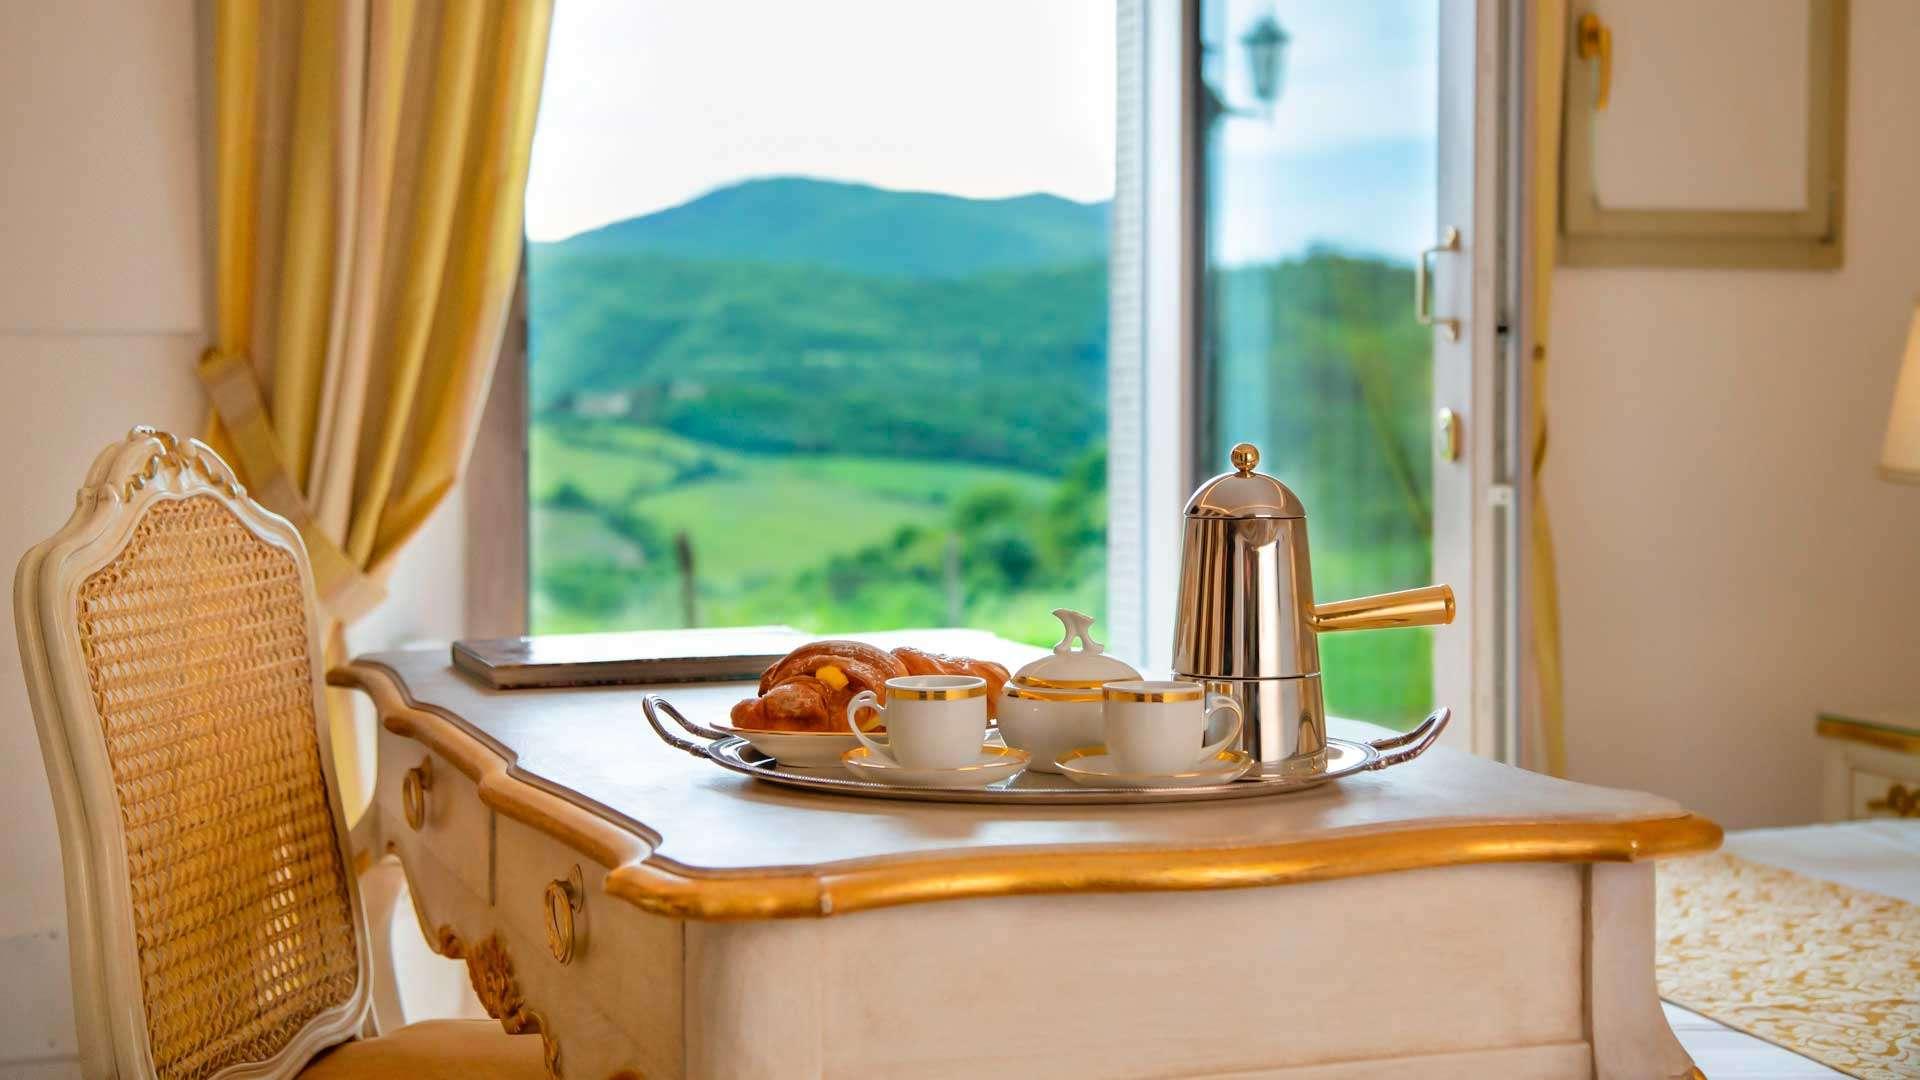 colazione servita in una delle migliori camere in campagna vicino a Firenze